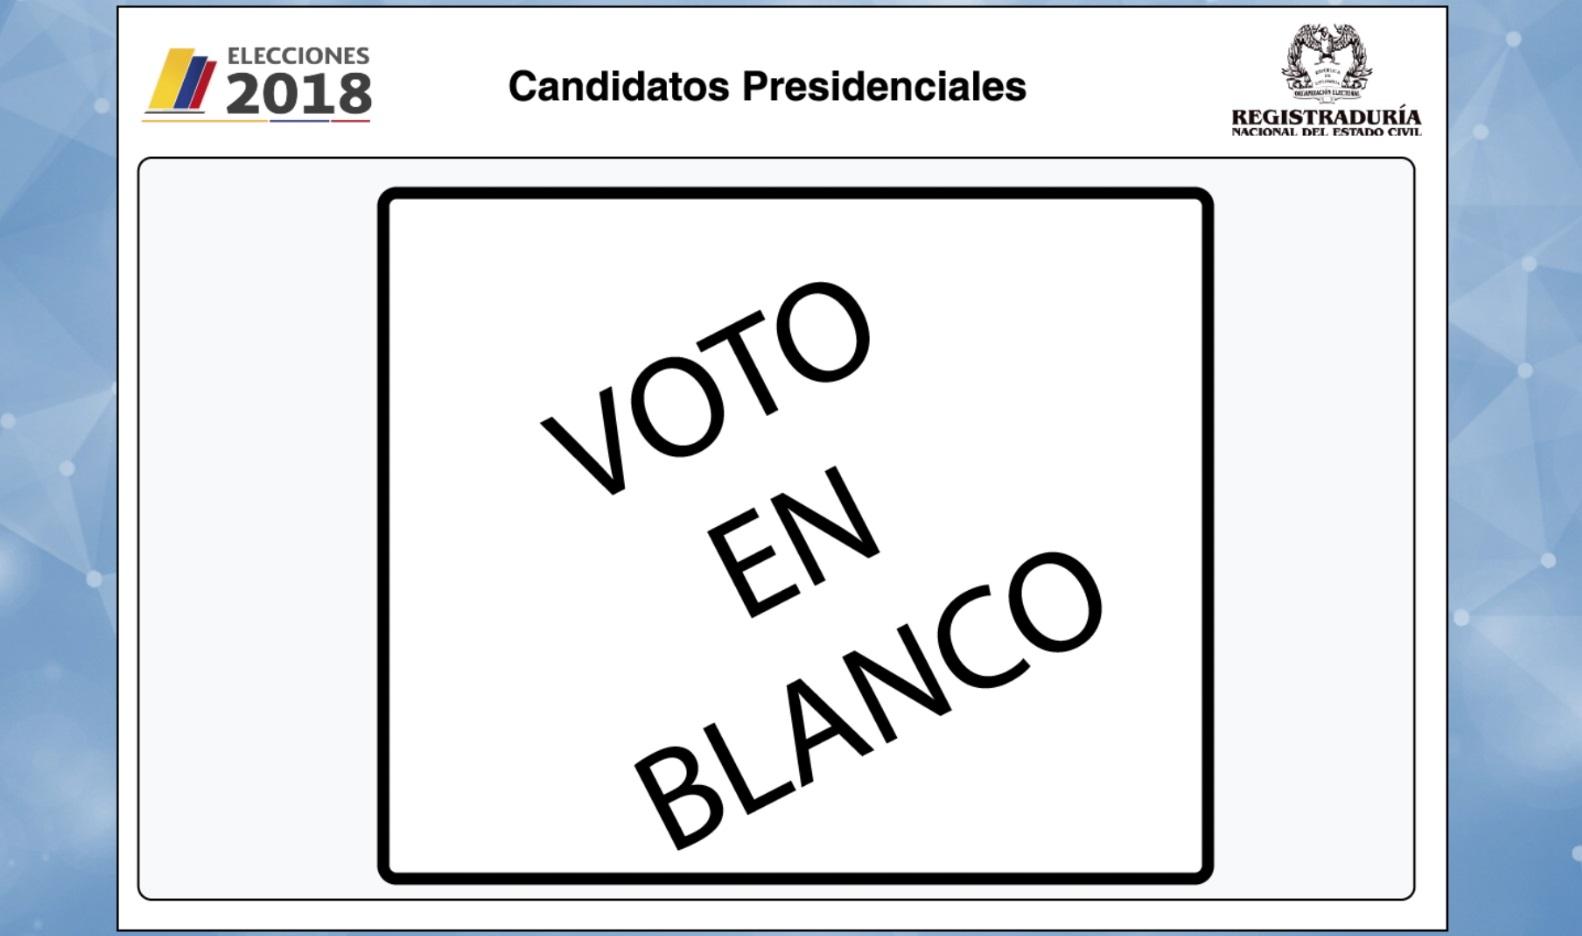 El voto en blanco tendría candidato presidencial